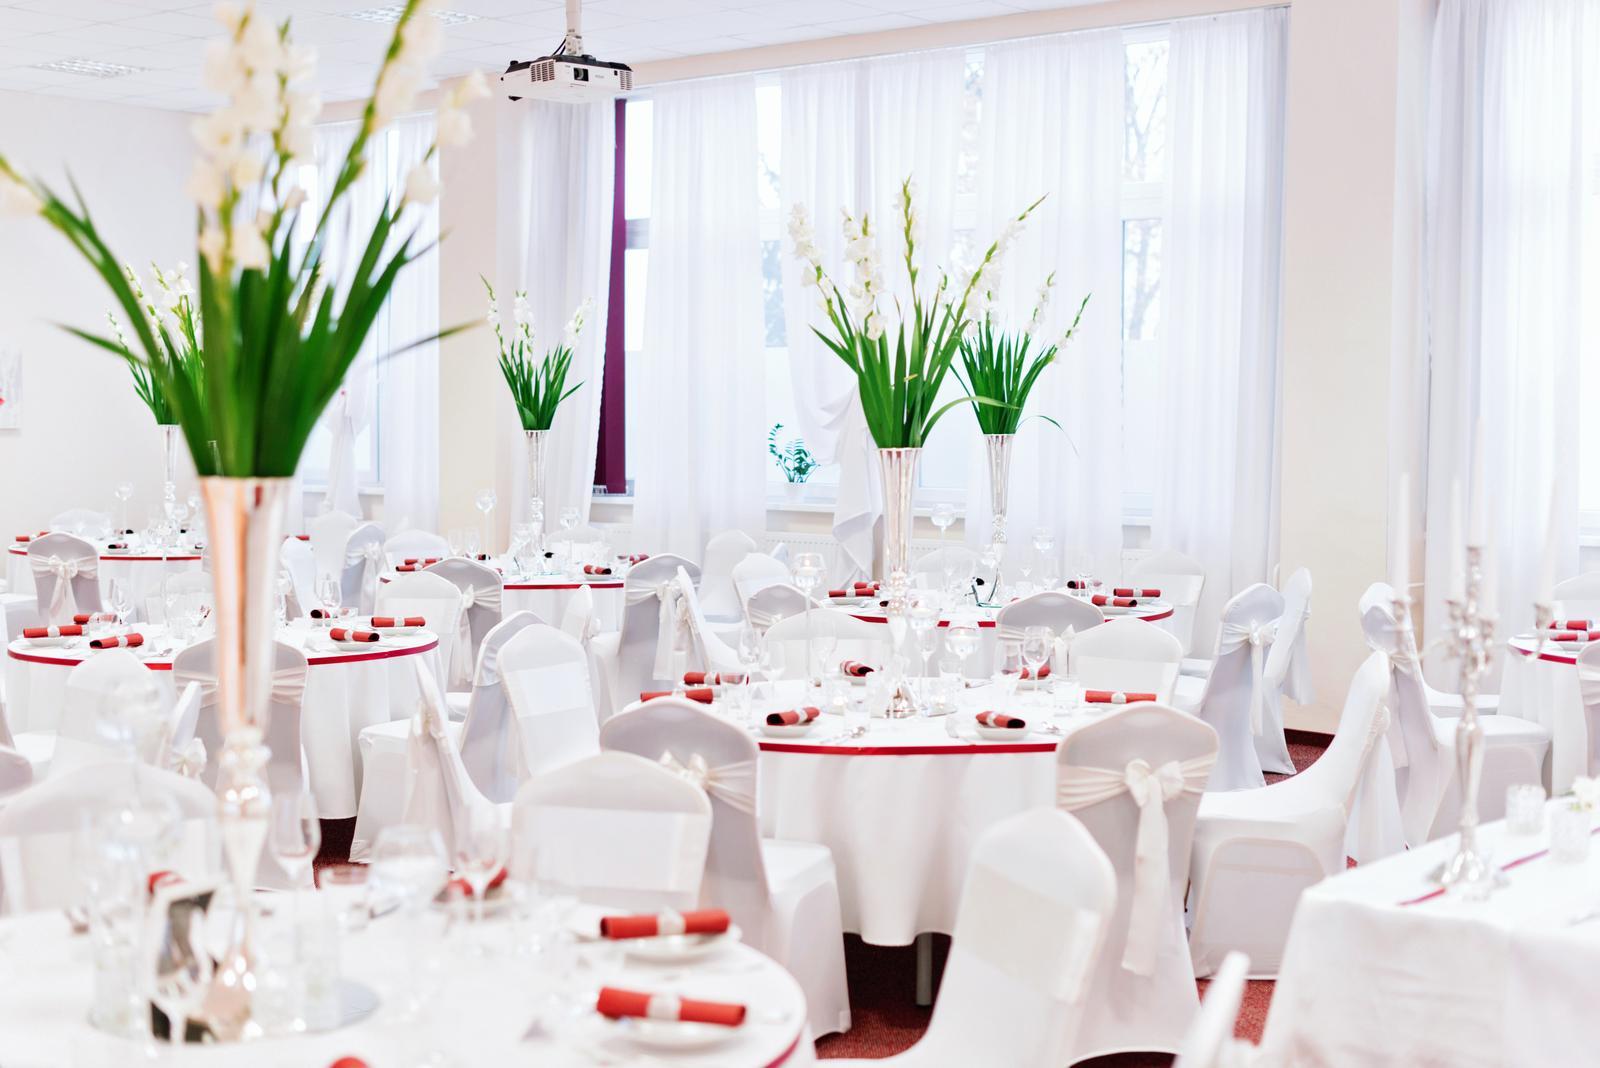 Prijímame objednávky pre svadobnú sezónu 2018/2019. Ponúkame komplexné aj čiastočné služby po celom západnom Slovensku. - svadba Kongresové Centrum Senica